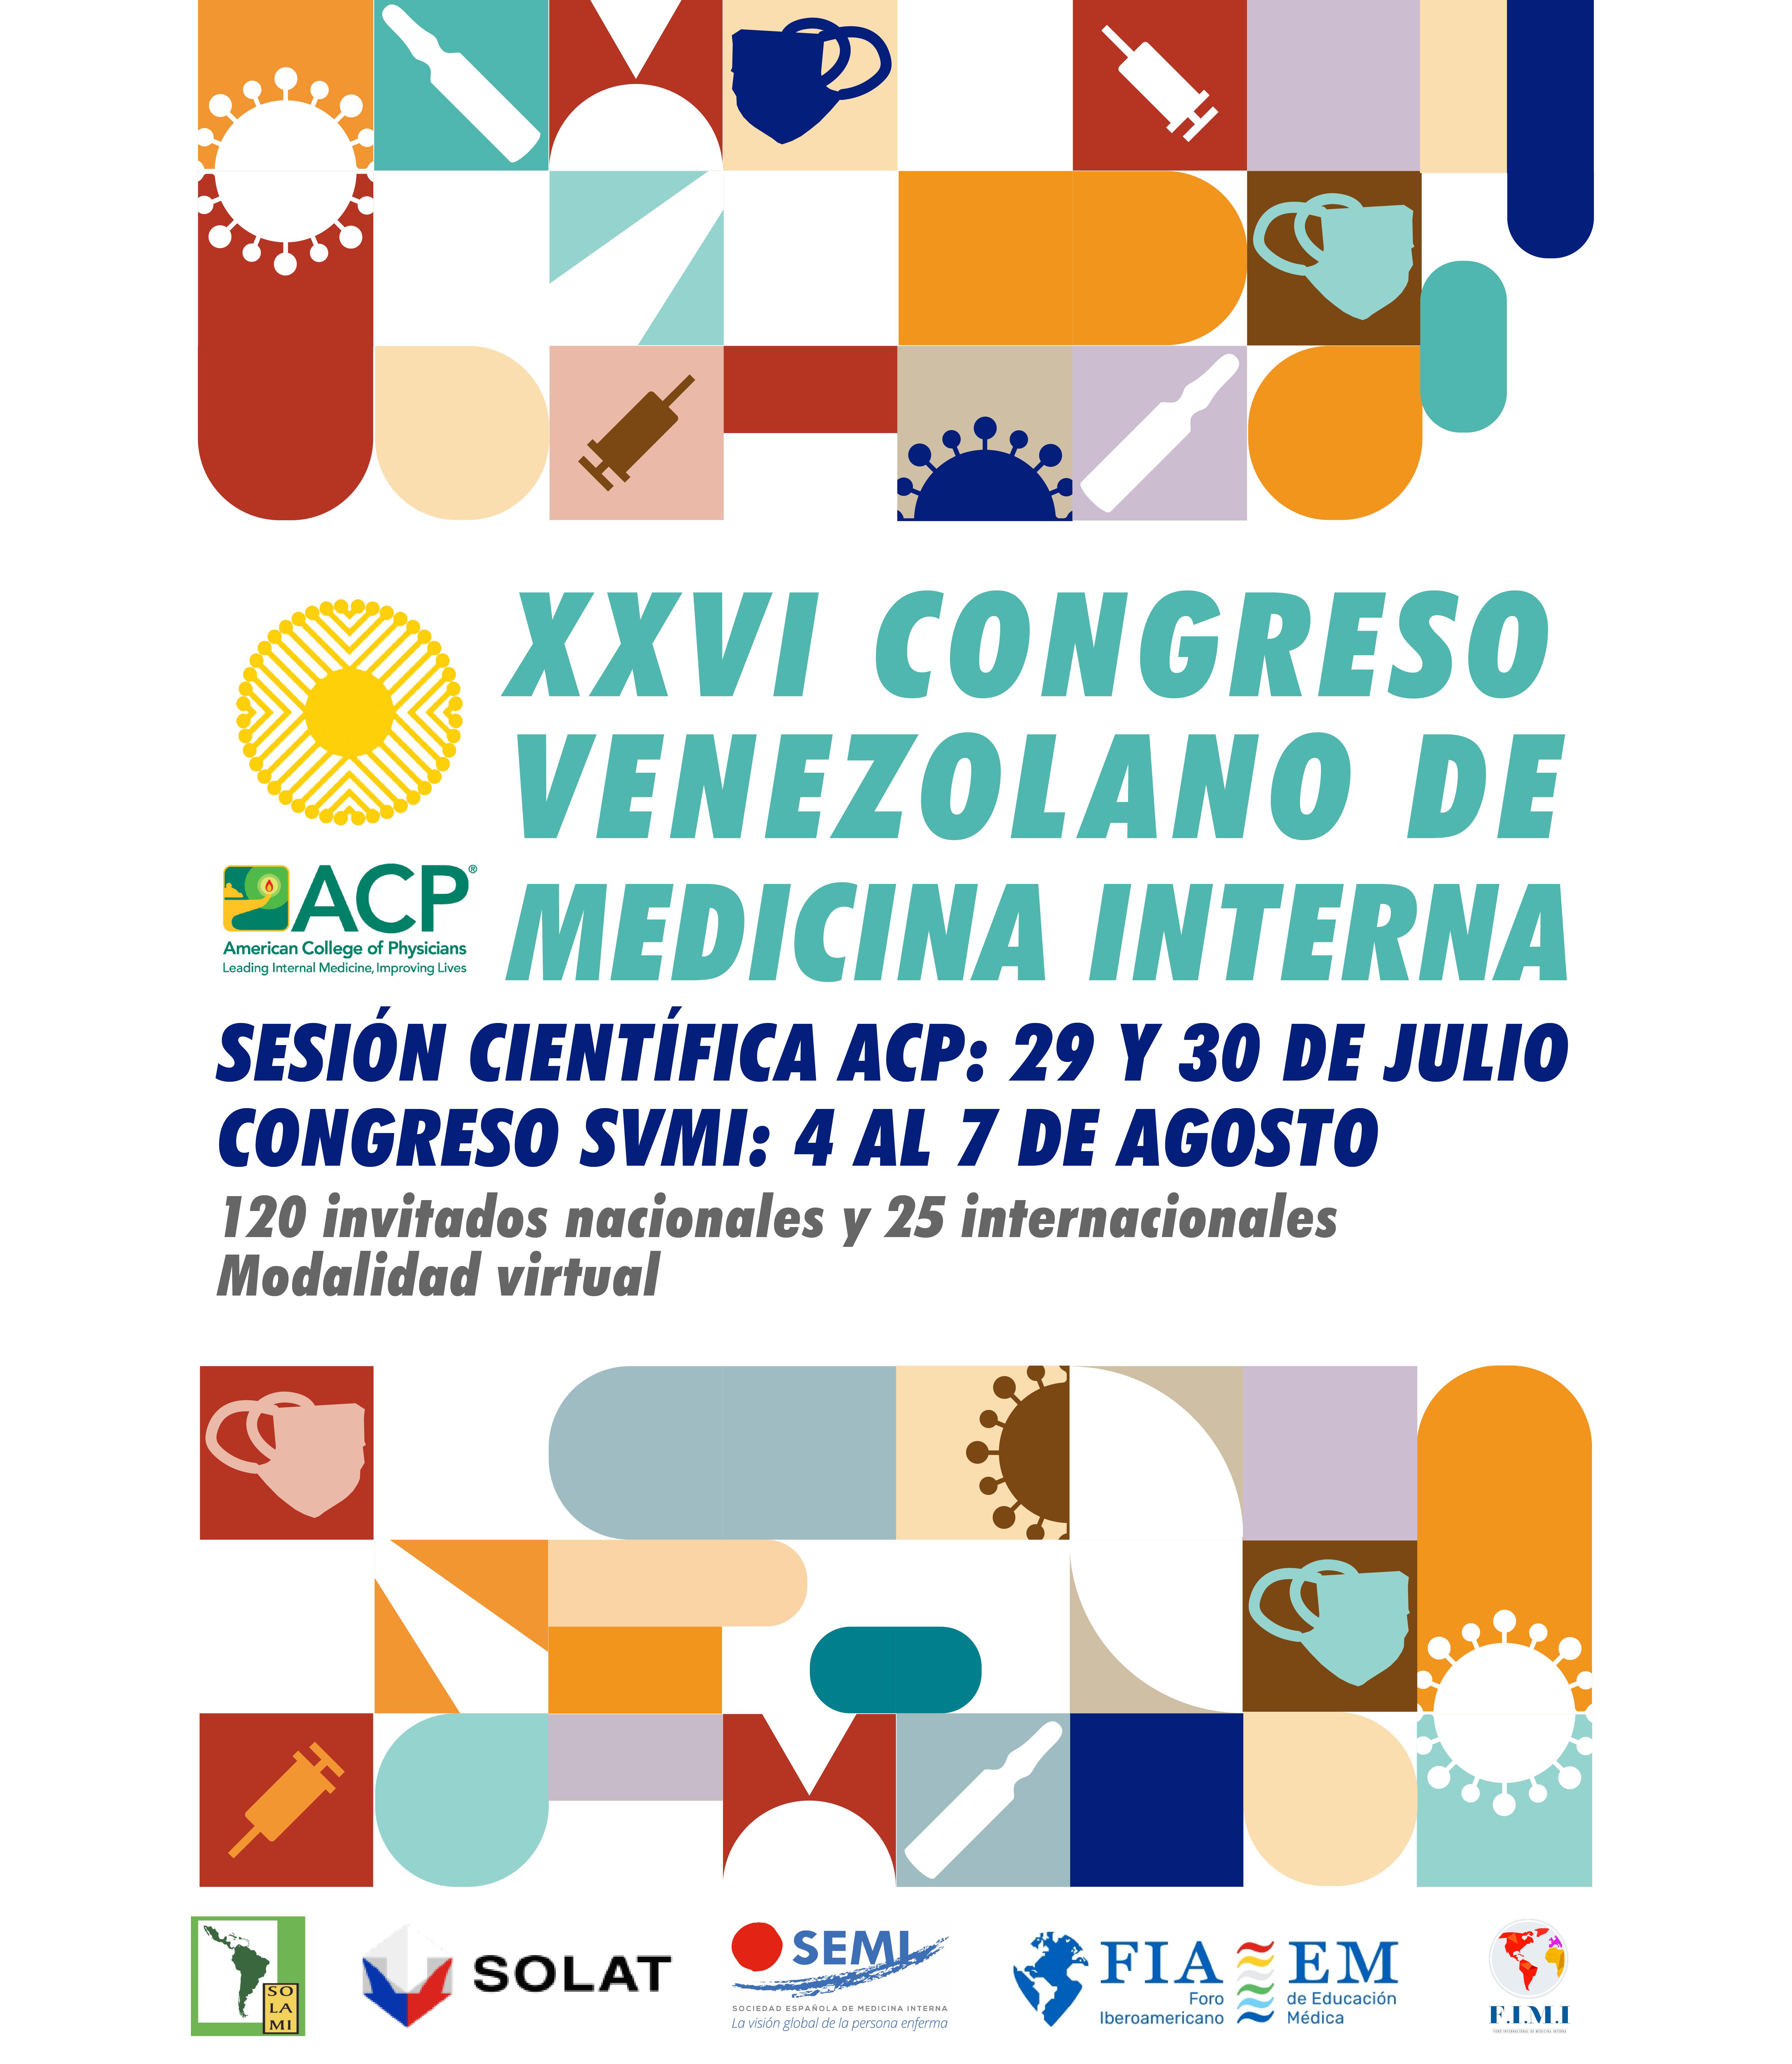 XXVI Congreso Nacional de Medicina Interna